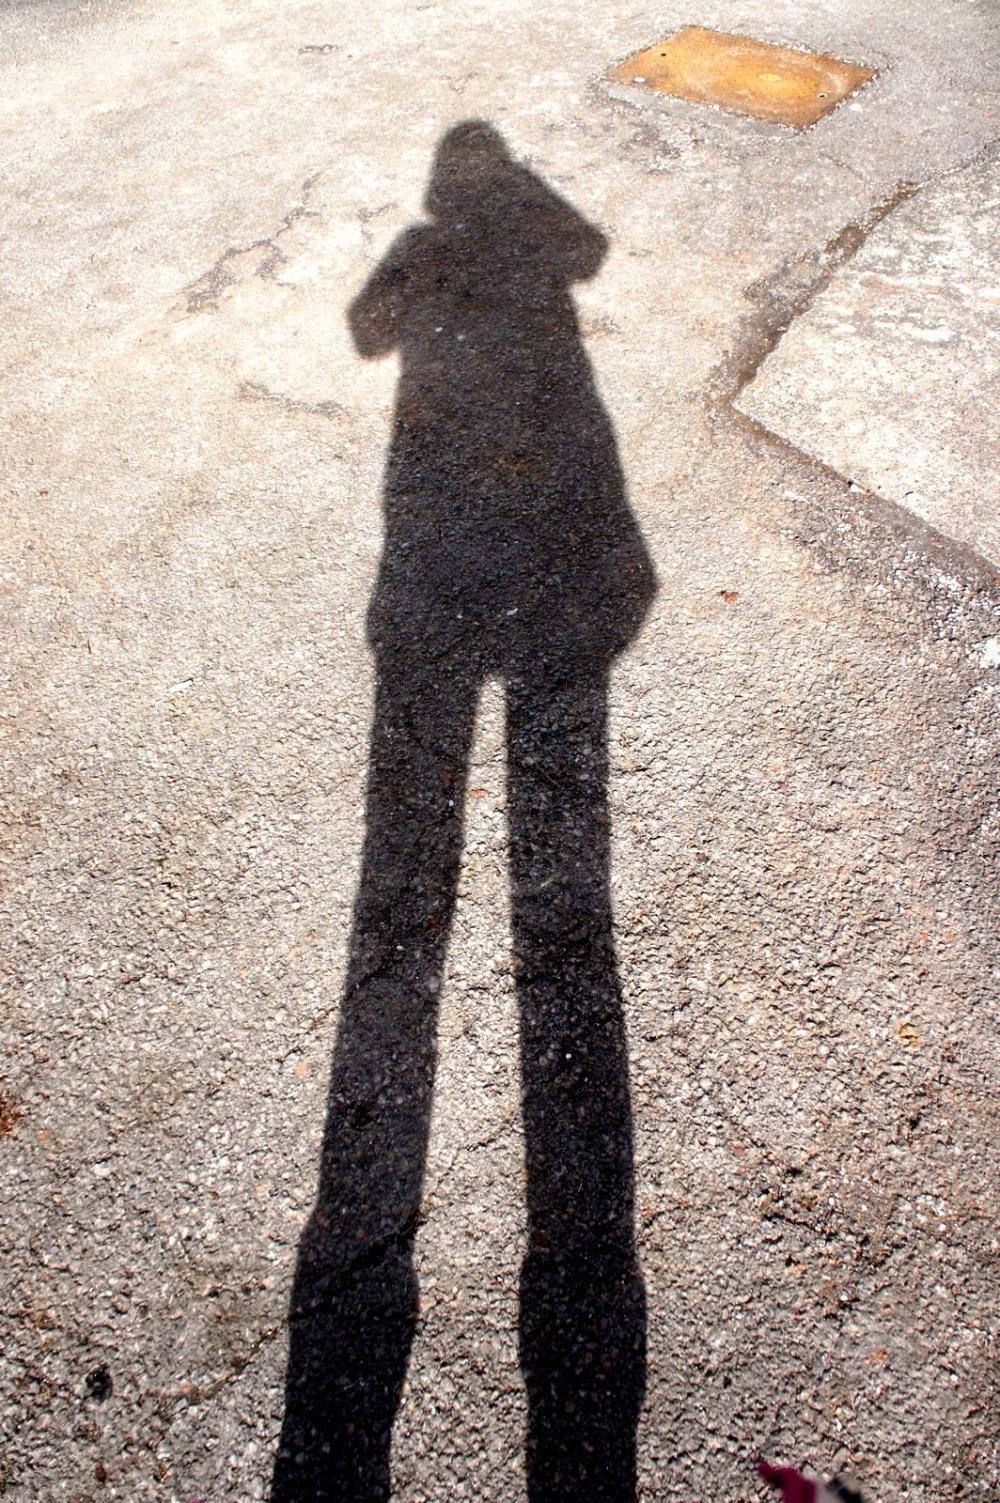 self-portrait in the sunshine